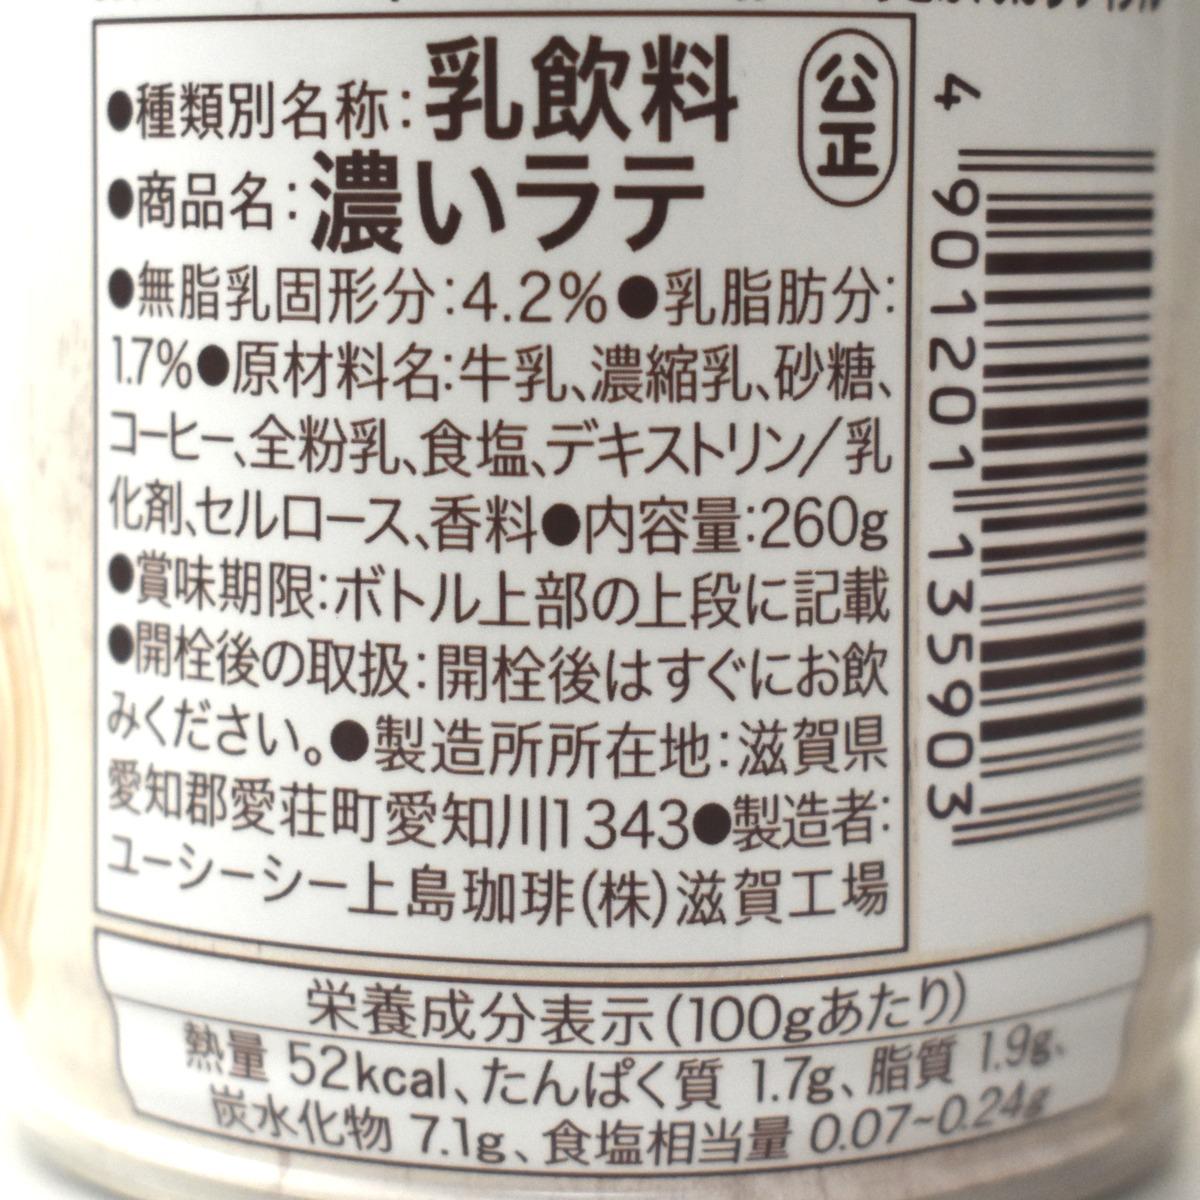 BEANS&ROASTERS 濃いラテの原材料名と栄養成分表示